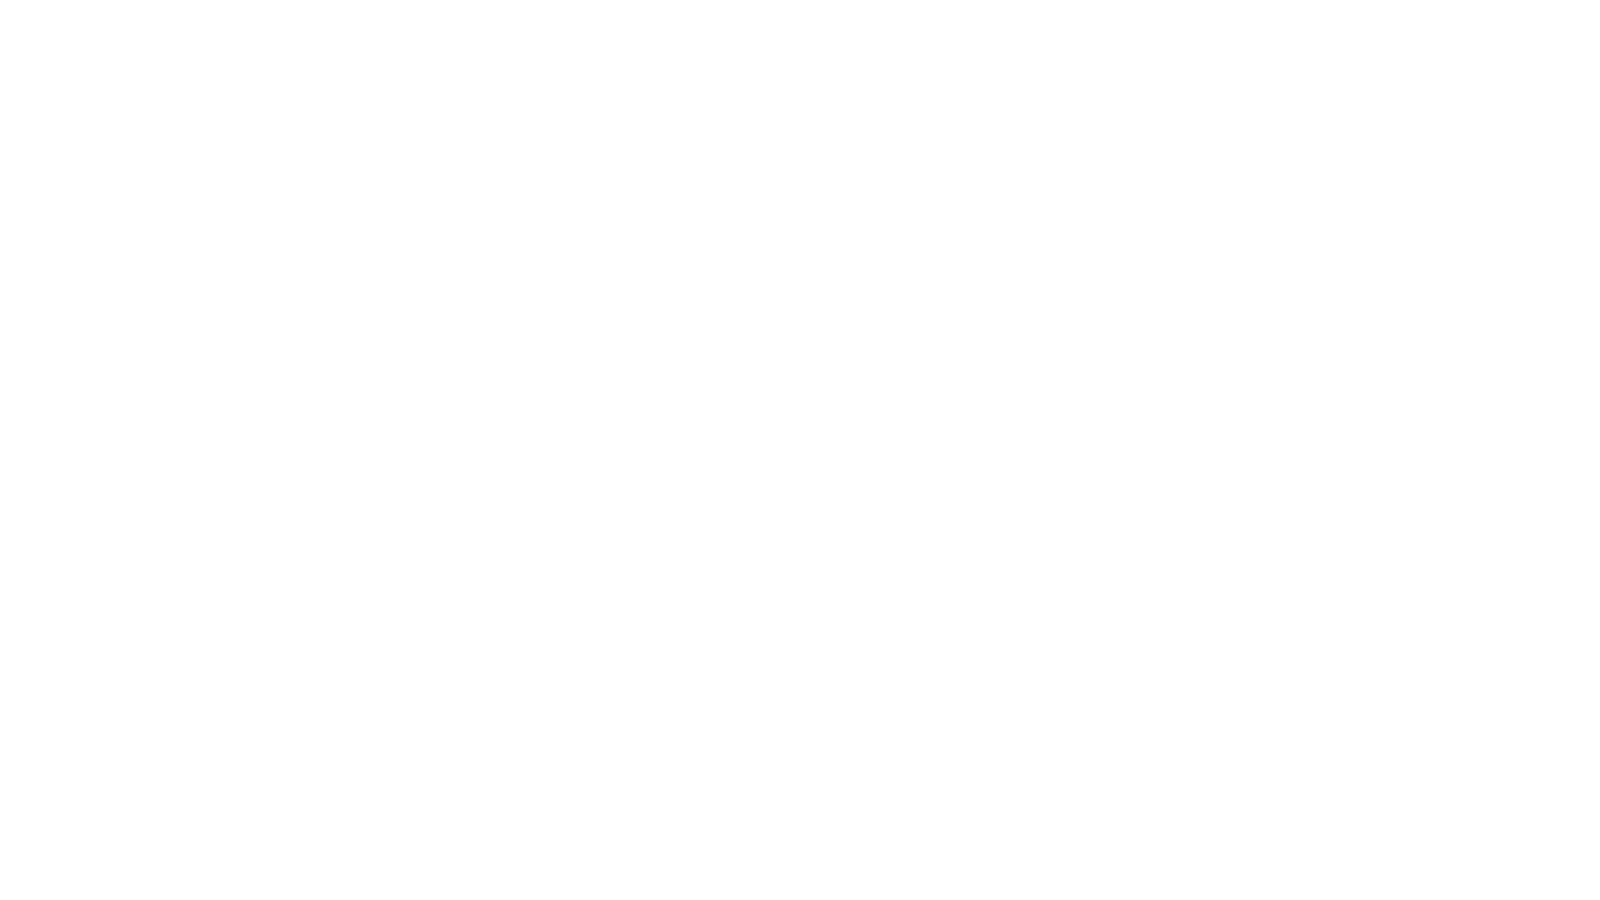 #aer #inchis #acasa Toate materialele din care sunt construite casele noastre sunt intr-o descompunere foarte lenta🏭, fapt care influenteaza calitatea aerului din interior si iti da acea senzatie de aer inchis.❌ 👉Afla care sunt si celelalte cauze si care e rezolvarea problemei cu aerul inchis din acest video! 📽️Bine ai venit în singura comunitate din România despre creșterea calității aerului! ⚠️ Nu uita sa te abonezi: http://bit.ly/subscribeEcovent 🛒 Magazin online: https://ecovent.ro 📍 Facebook: http://bit.ly/facebookEcovent 💡 Linkedin: http://bit.ly/linkedinEcovent 📱 Instagram: http://bit.ly/instaEcovent Discută cu un specialist în ventilație: 0774460744 / 0770955816Videoclipuri noi în fiecare duminică și joi!👀 🎤Prezentator: Andrei Agafița 🎥Producător: Șipoteanu SebastianSă ai o zi grozavă! ©️Ecovent 2021. All rights reserved.